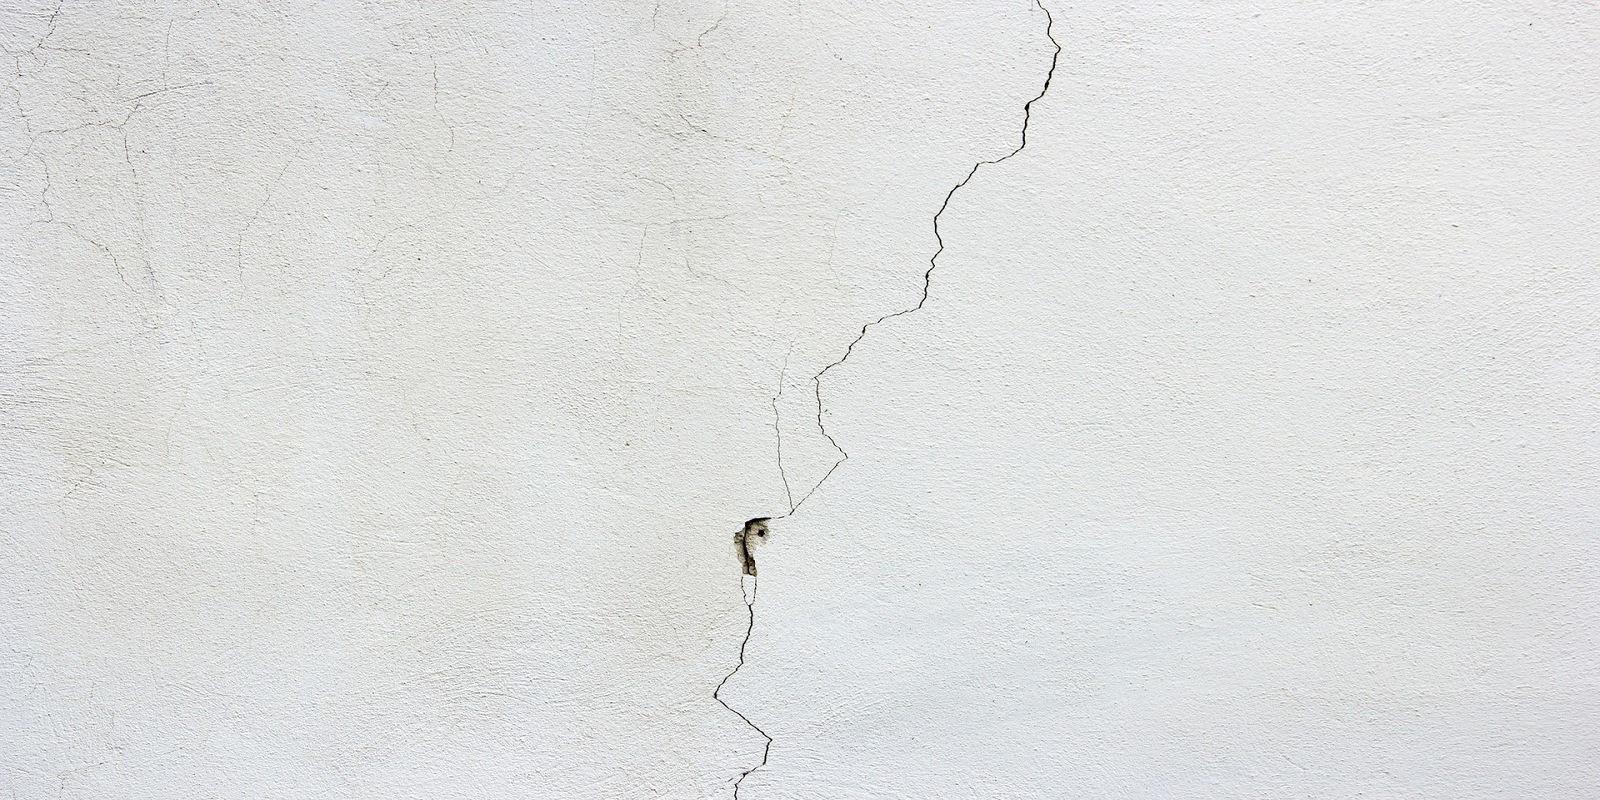 come-riconoscere-le-crepe-sui-muri-più-pericolose-dopo-un-terremoti